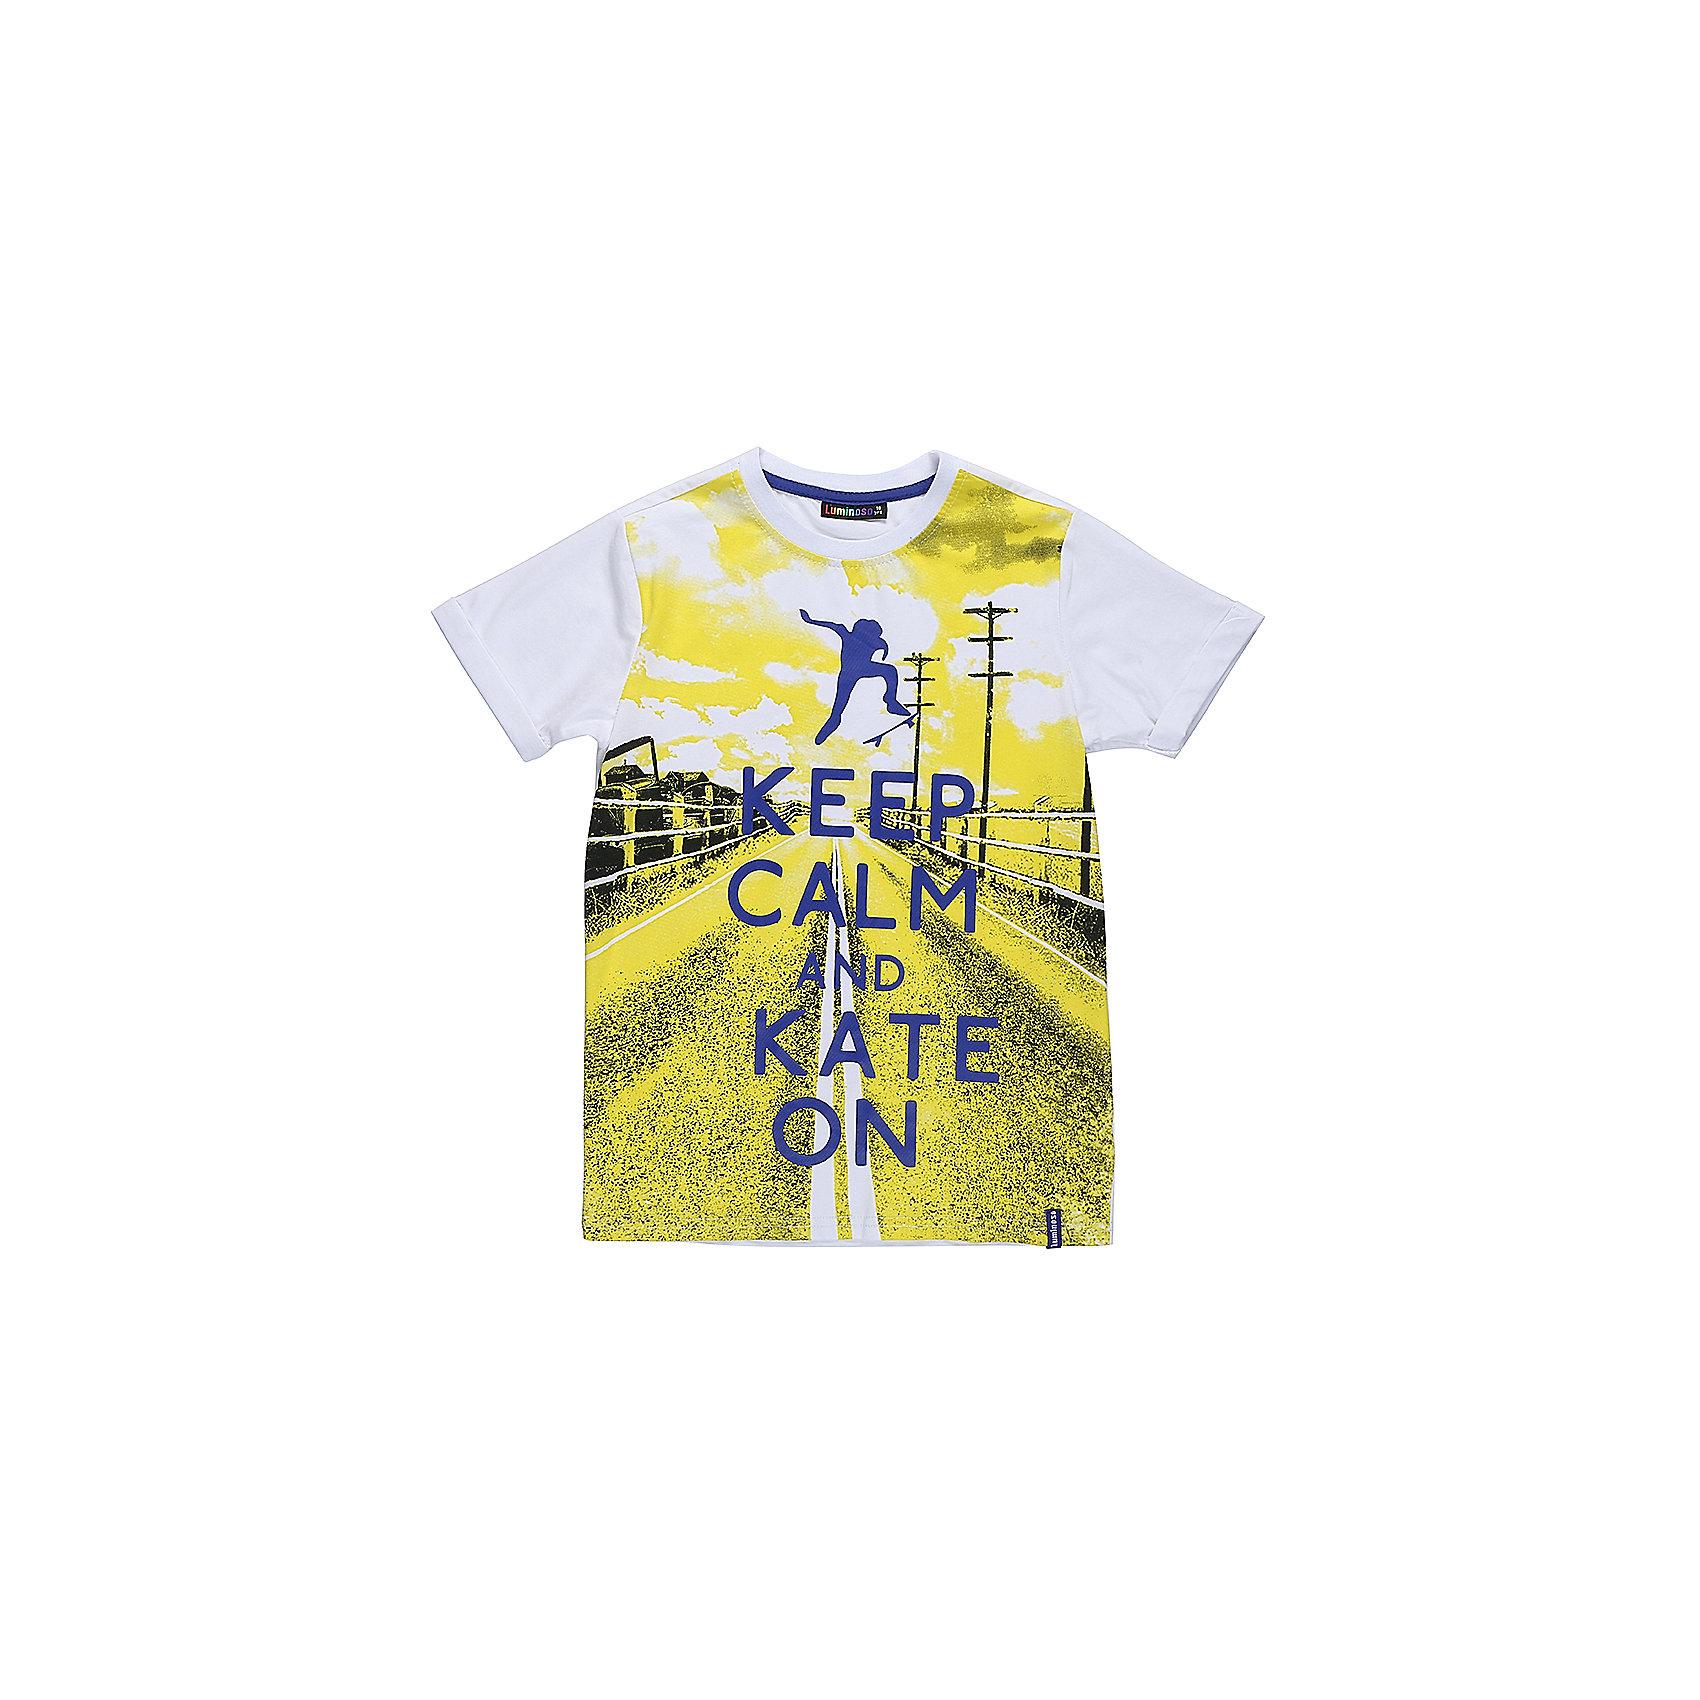 Футболка для мальчика LuminosoФутболки, поло и топы<br>Стильная футболка из трикотажной ткани для мальчика с коротким рукавом. Декорирована ярким принтом<br>Состав:<br>95%хлопок 5%эластан<br><br>Ширина мм: 199<br>Глубина мм: 10<br>Высота мм: 161<br>Вес г: 151<br>Цвет: белый<br>Возраст от месяцев: 108<br>Возраст до месяцев: 120<br>Пол: Мужской<br>Возраст: Детский<br>Размер: 140,134,146,152,158,164<br>SKU: 5409615